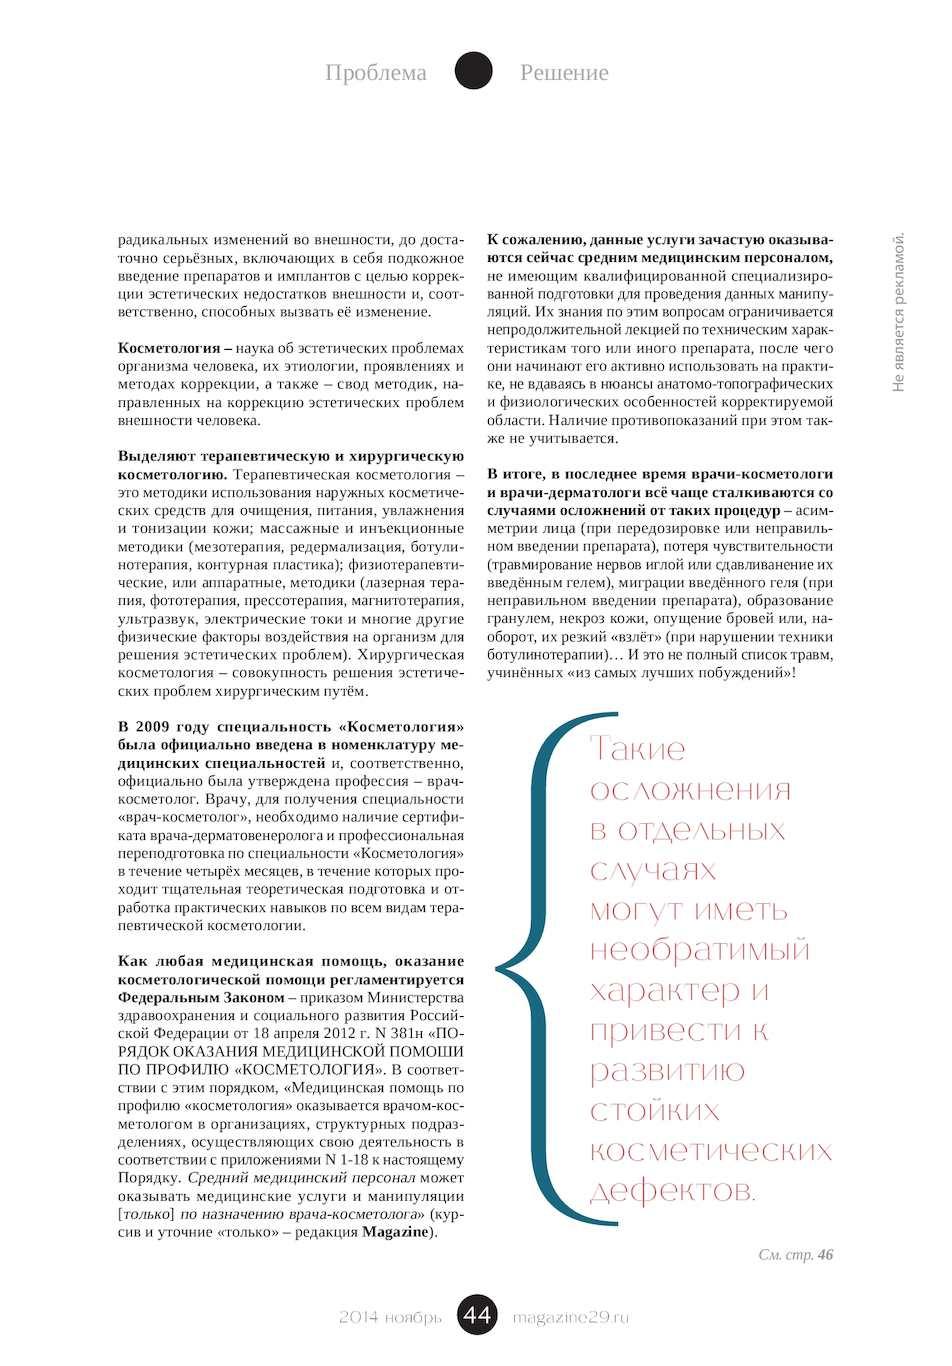 Реестр личных медицинских книжек в Троицке